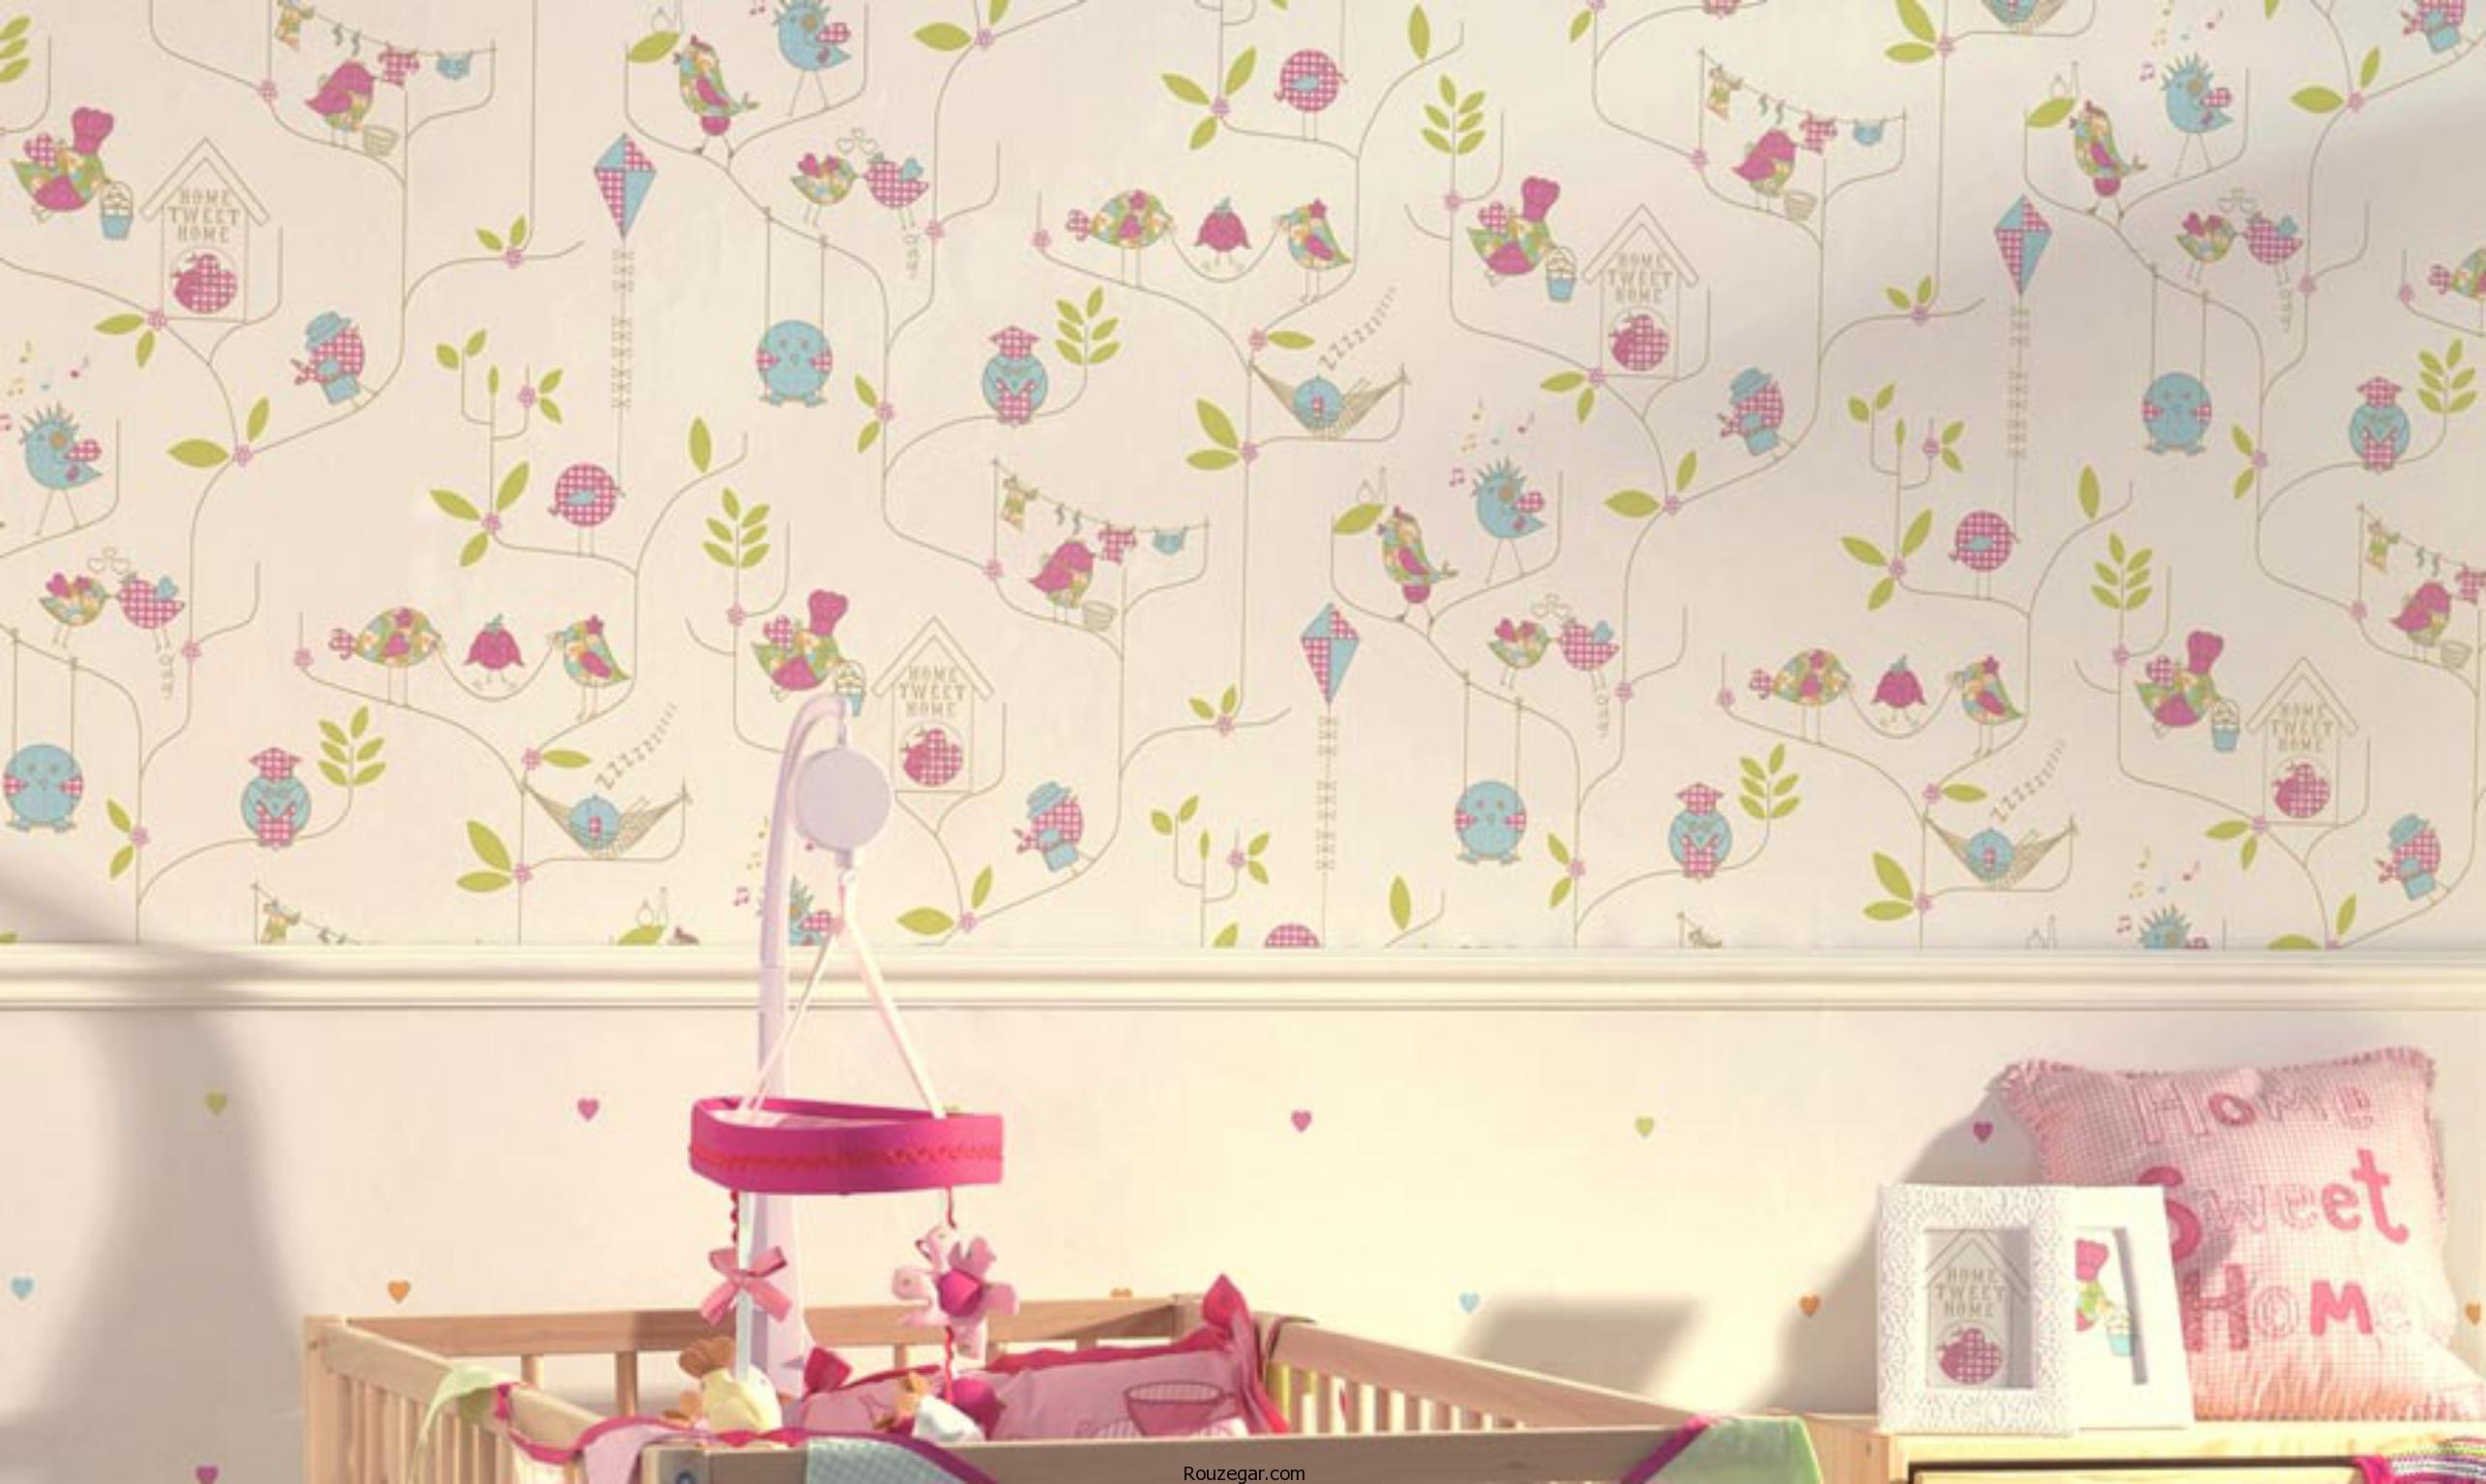 مدل هایساده و شیک کاغذ دیواریبرای اتاق کودک ،قیمت کاغذ دیواری اتاق کودک،کاغذ دیواری اتاق کودک پسرانه،کاغذ دیواری اتاق کودک سه بعدی،کاغذ دیواری اتاق دخترانه،البوم کاغذ دیواری کودک،خرید اینترنتی کاغذ دیواری اتاق کودک،آلبوم کاغذ دیواری کودک،كاغذ ديواري اتاق والدين